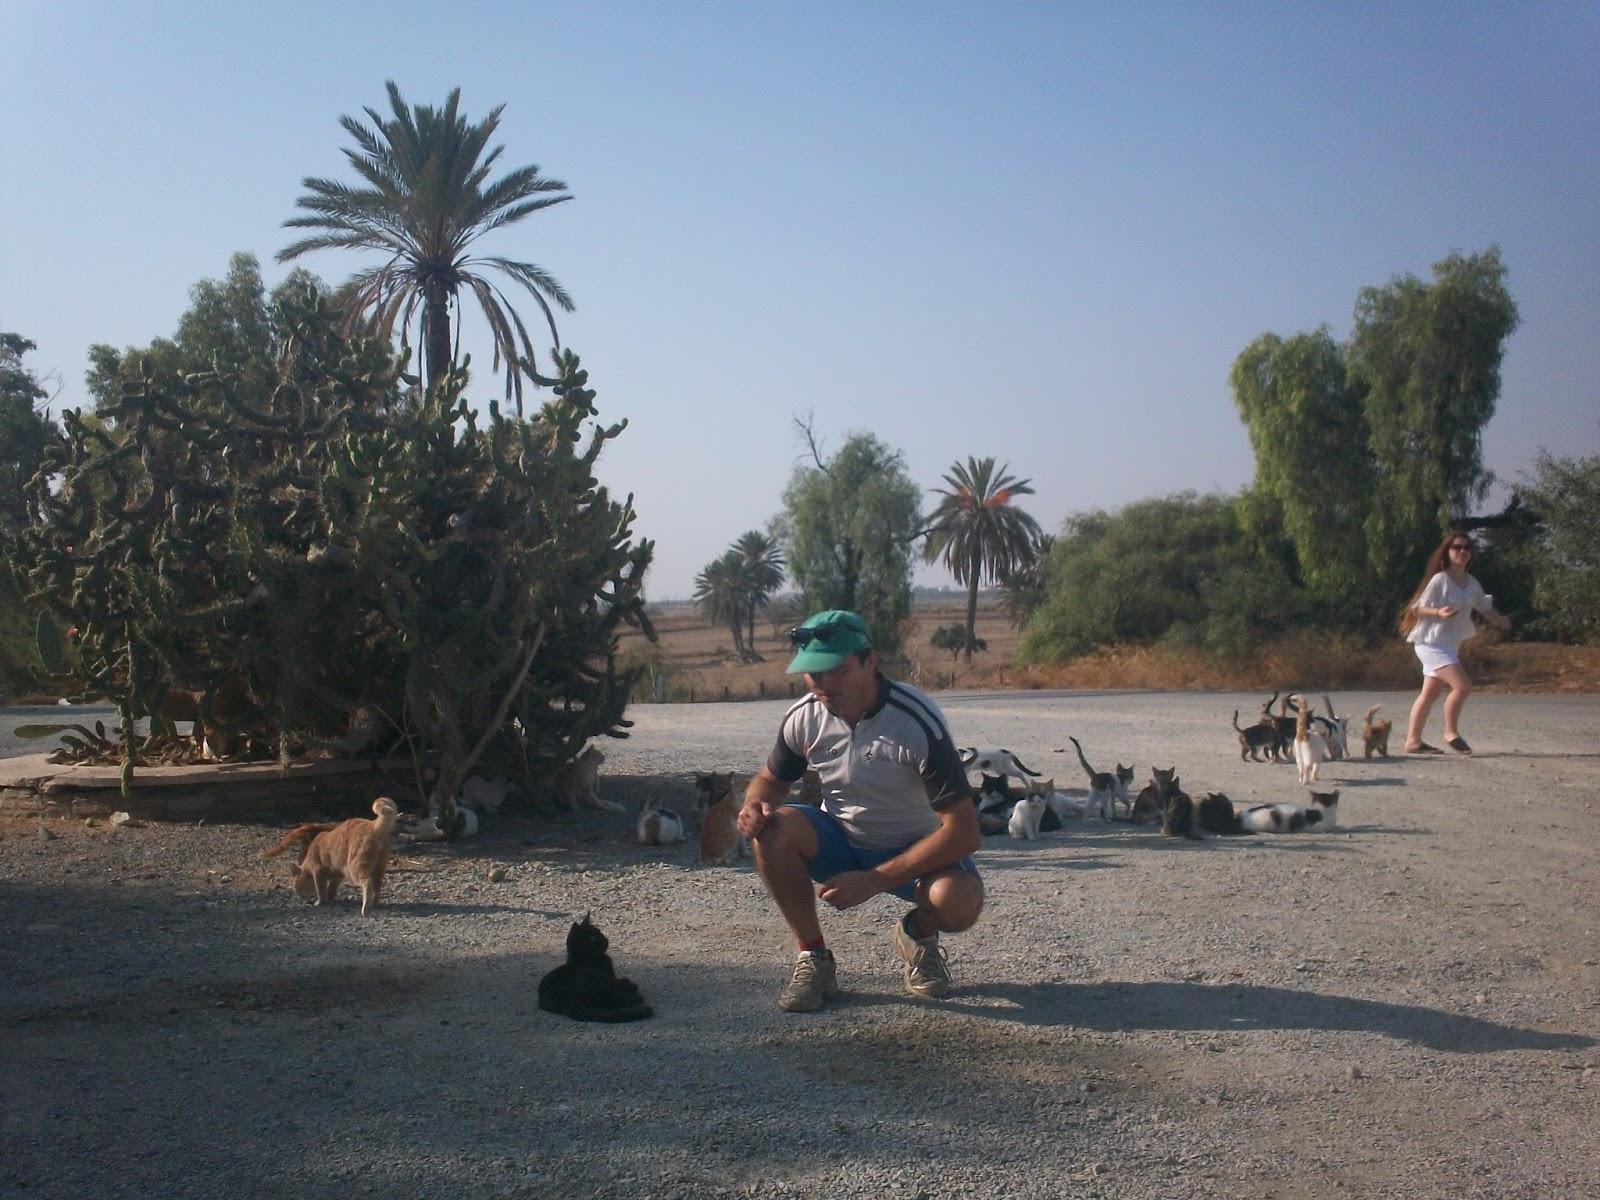 Cipru-paradisul pisicilor